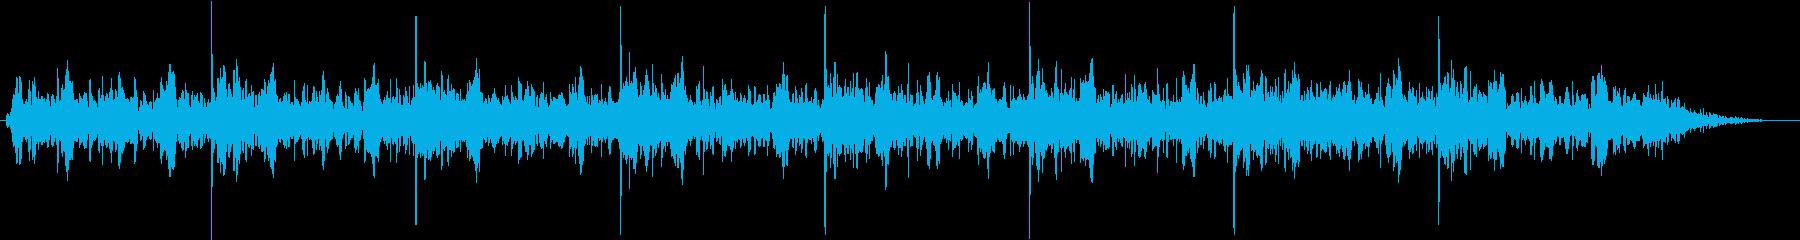 科学の実験の説明映像に使えそうなBGMの再生済みの波形